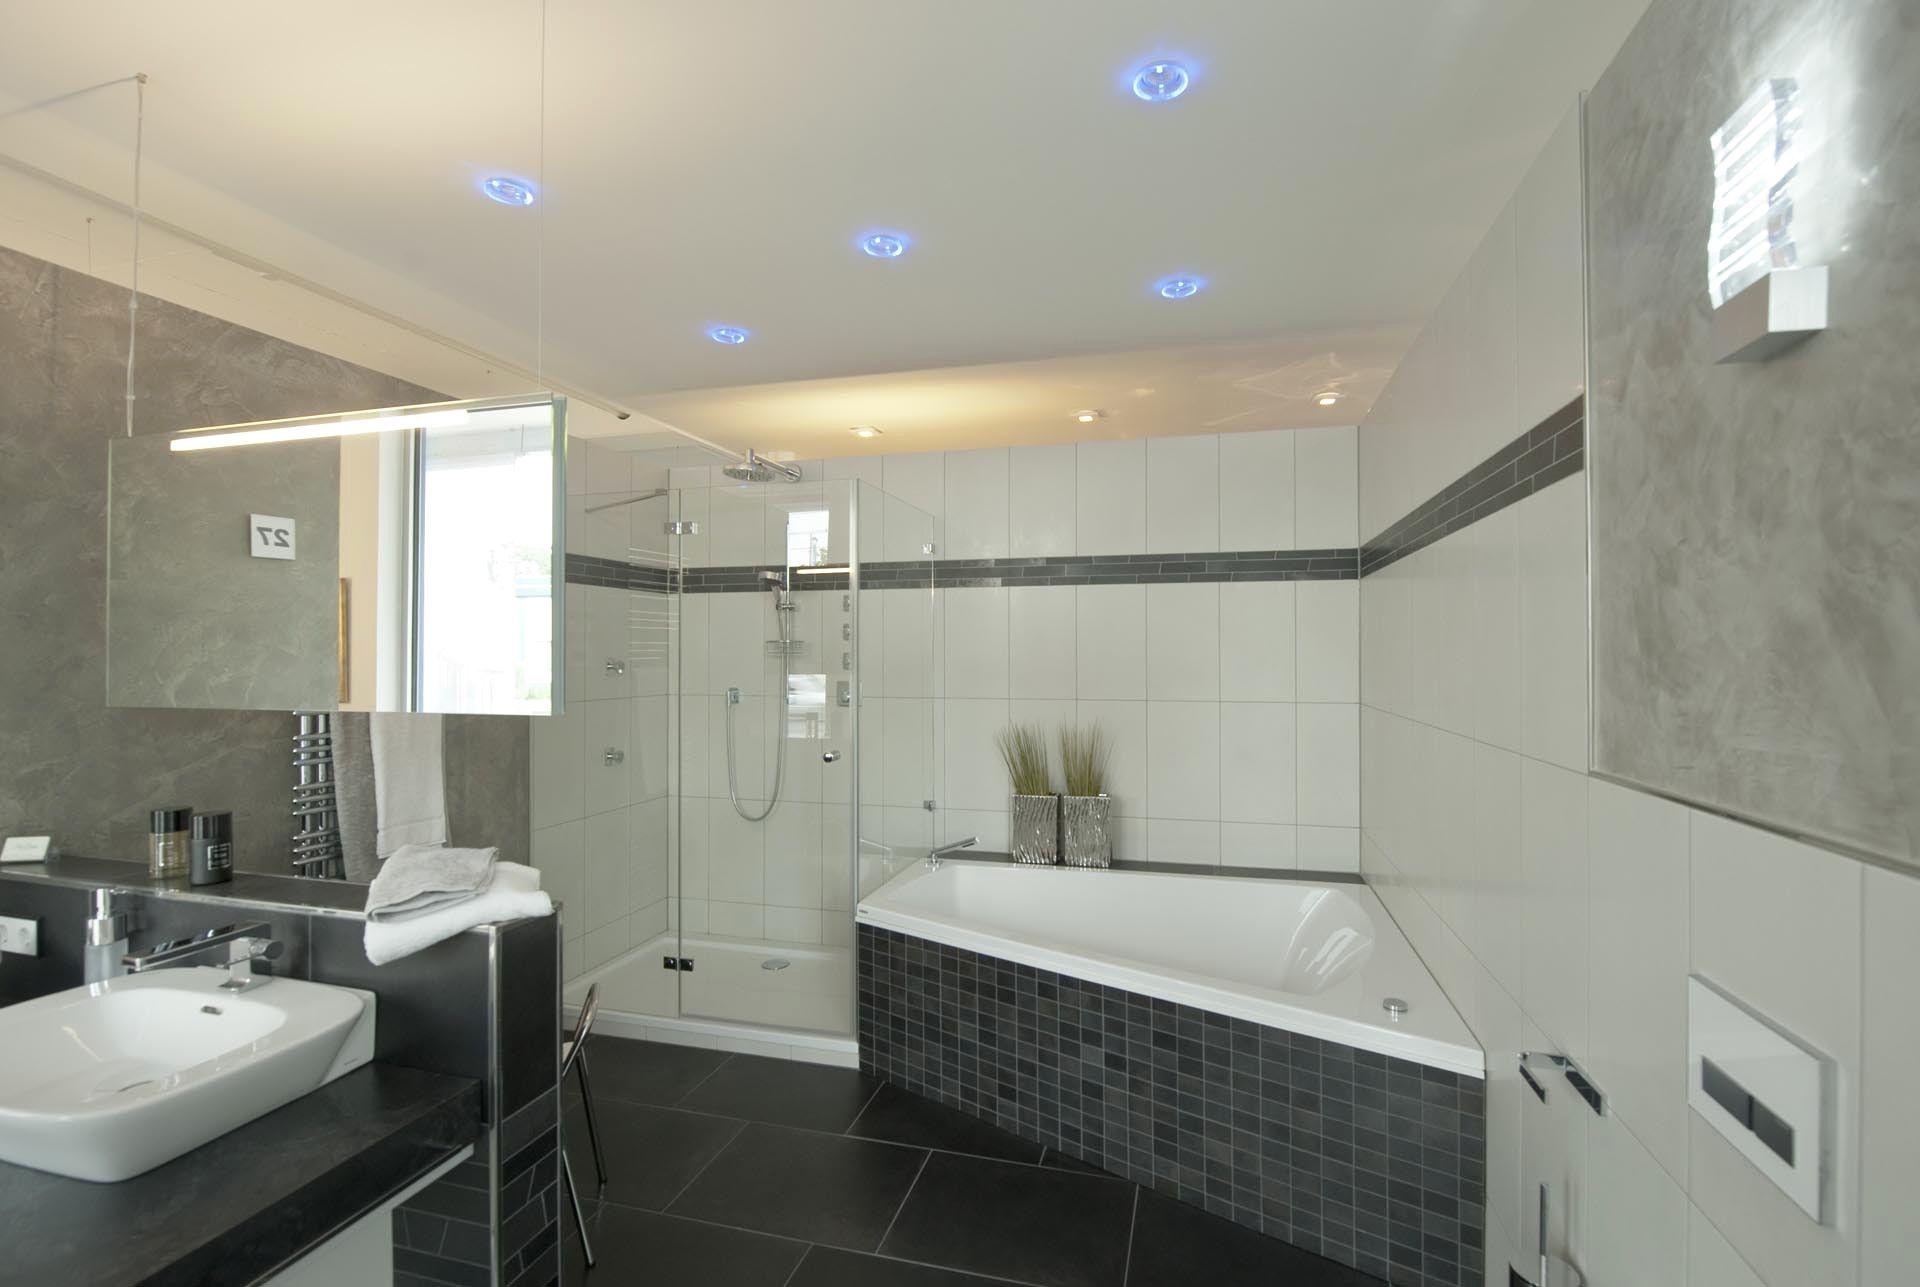 Mobel Und Dekoration Led Beleuchtung Im Badezimmer Mit Licht Bad ...